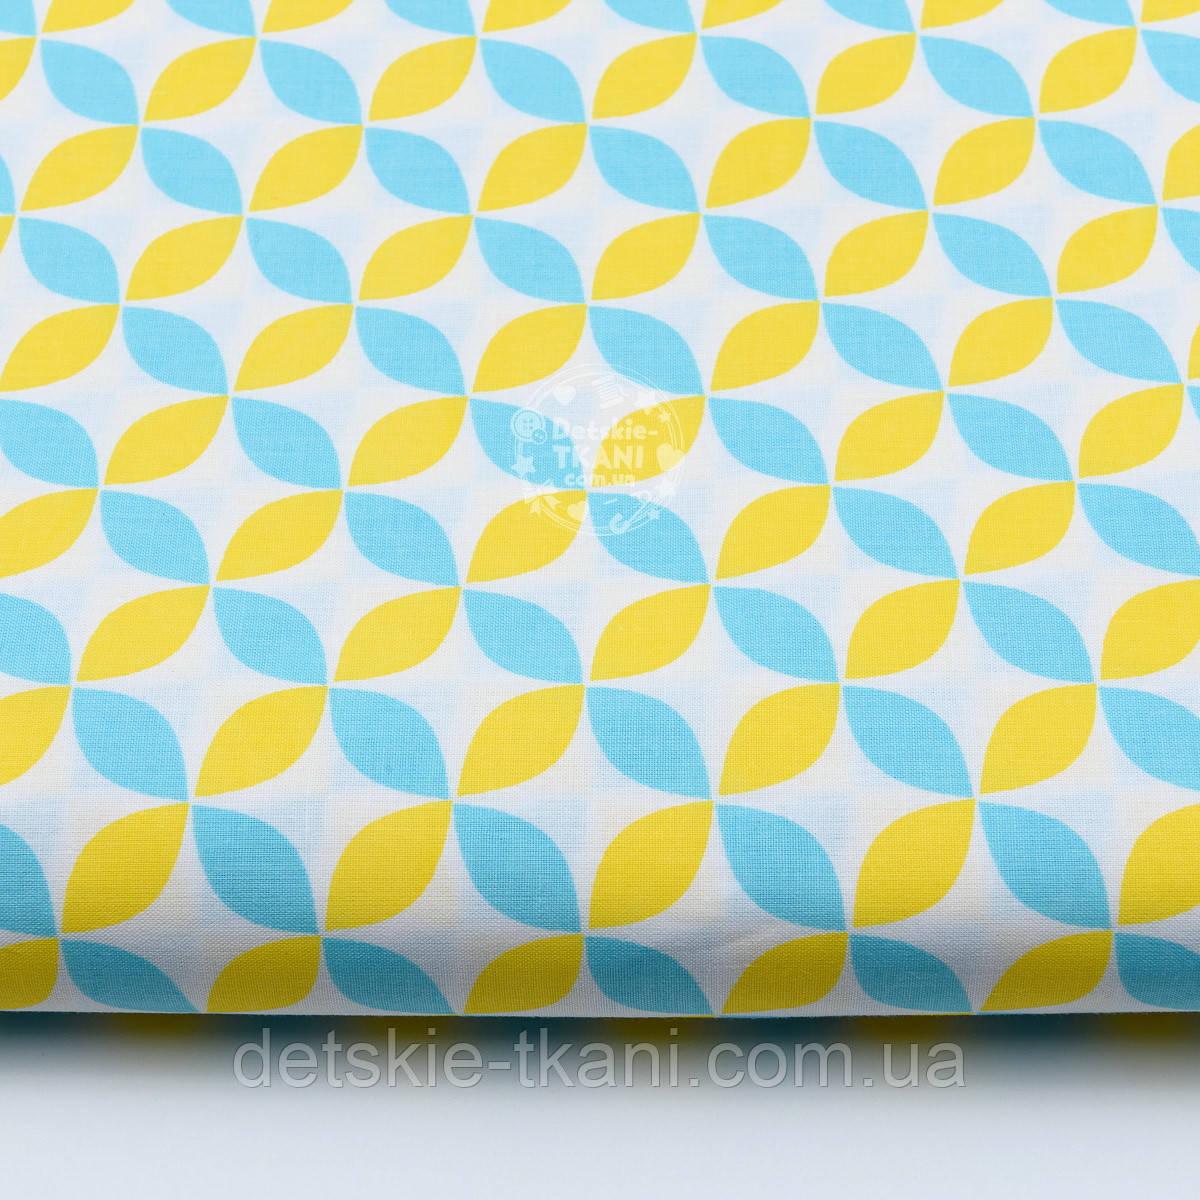 Отрез ткани с сеткой из лепестков жёлто-бирюзового цвета (№385а), размер 60*160